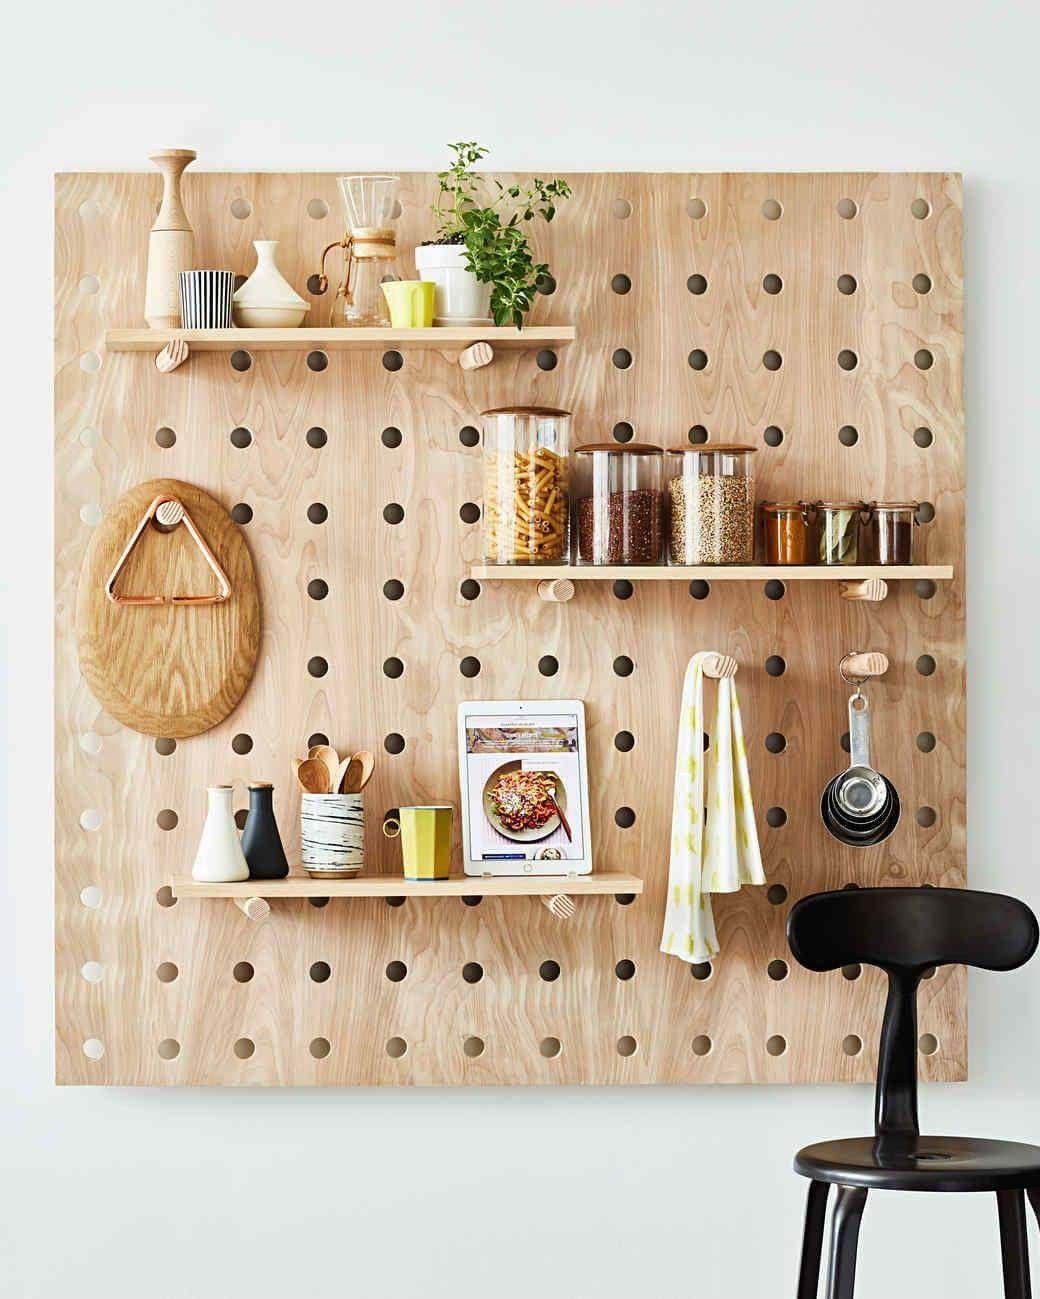 Pin von Priyanka Soni auf Home interiors | Pinterest | Küche